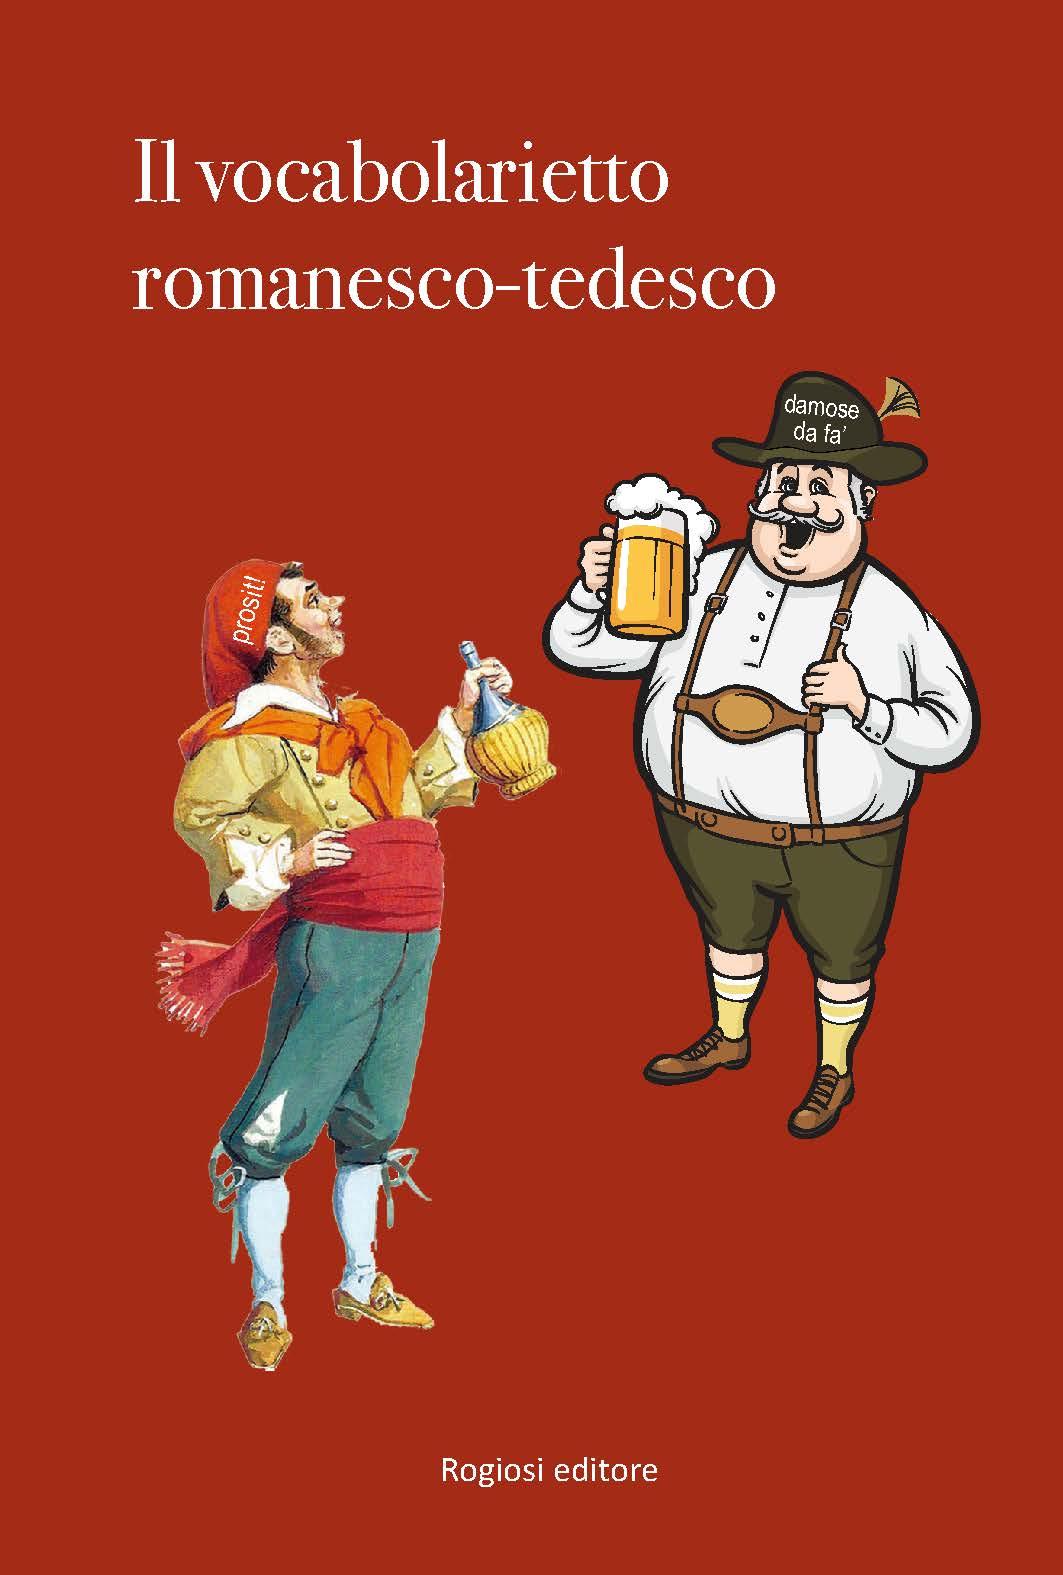 Il vocabolarietto romanesco-tedesco